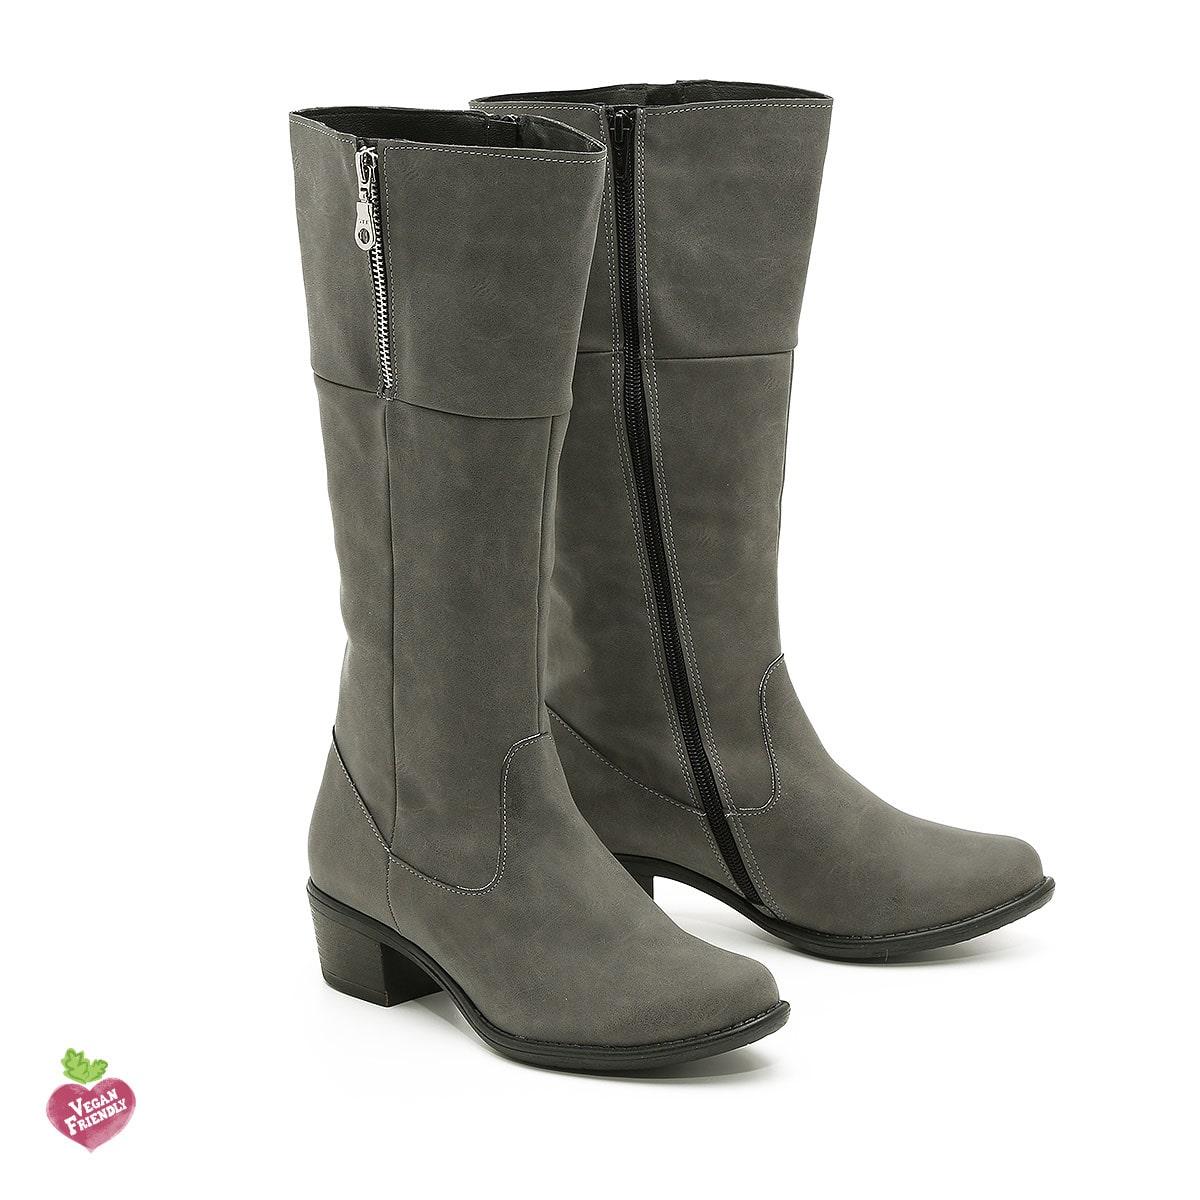 בלעדי לאתר - דגם שרלין: מגפיים טבעוניים לנשים